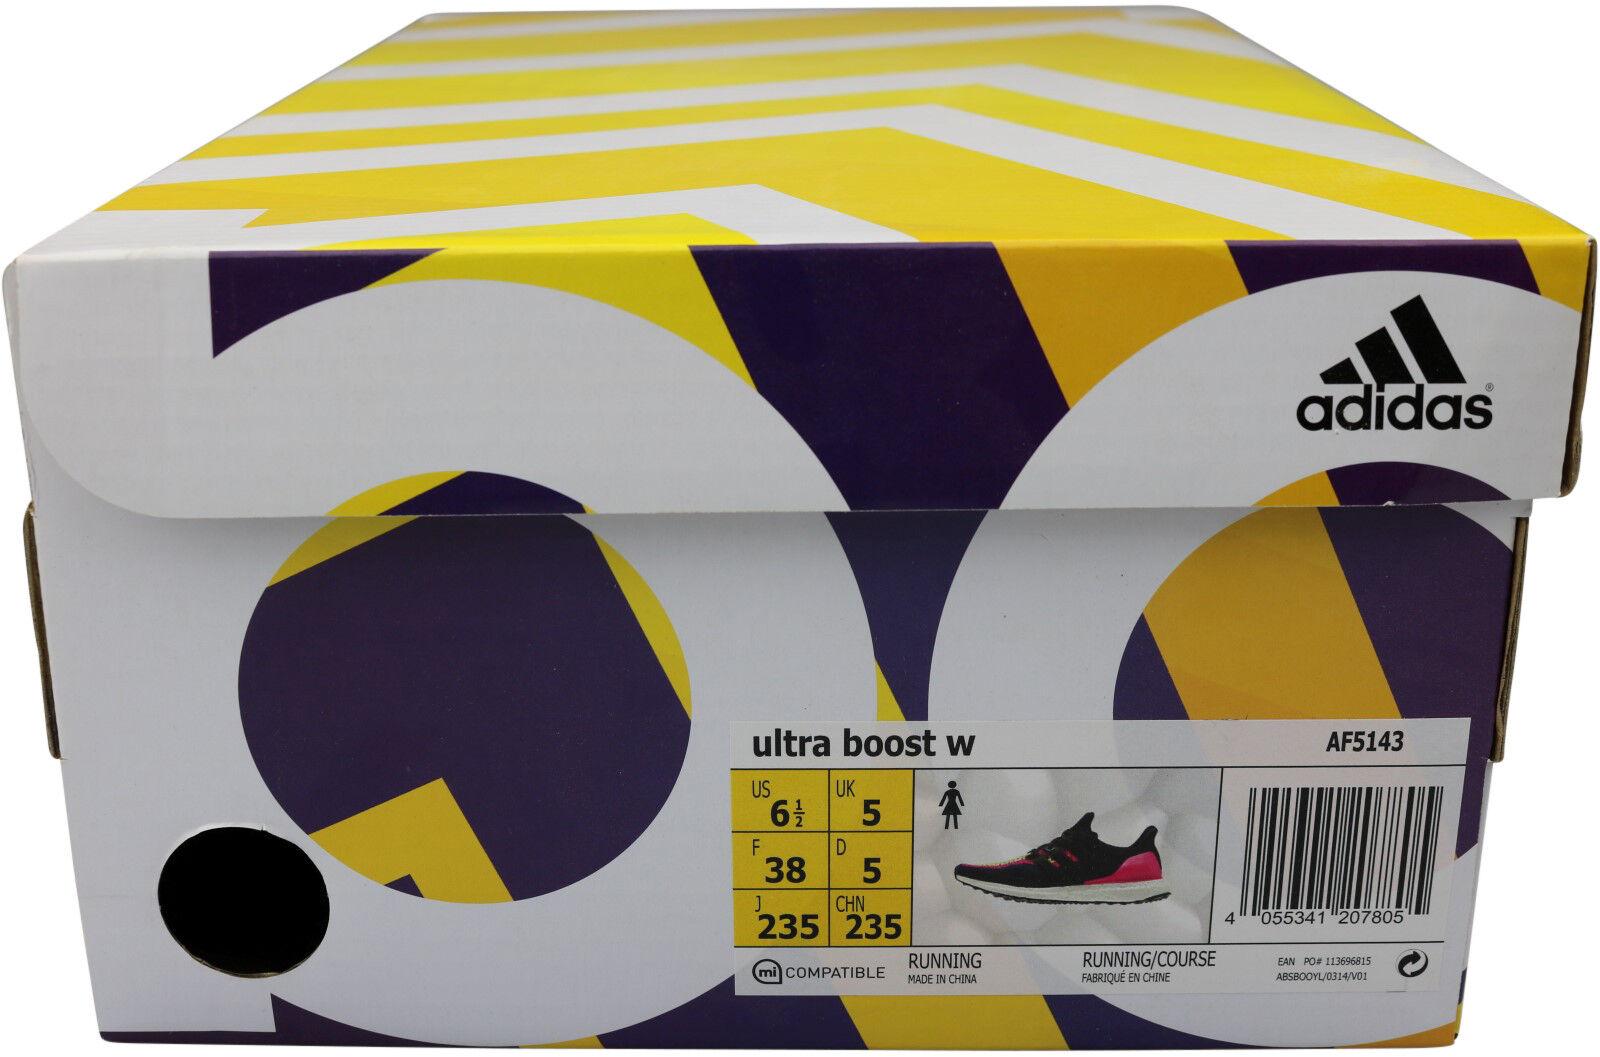 ADIDAS ULTRA BOOST Damen Running Running Running Sneaker Laufschuhe AF5143 Gr. 36 - 40 NEU & OVP 2c5fad